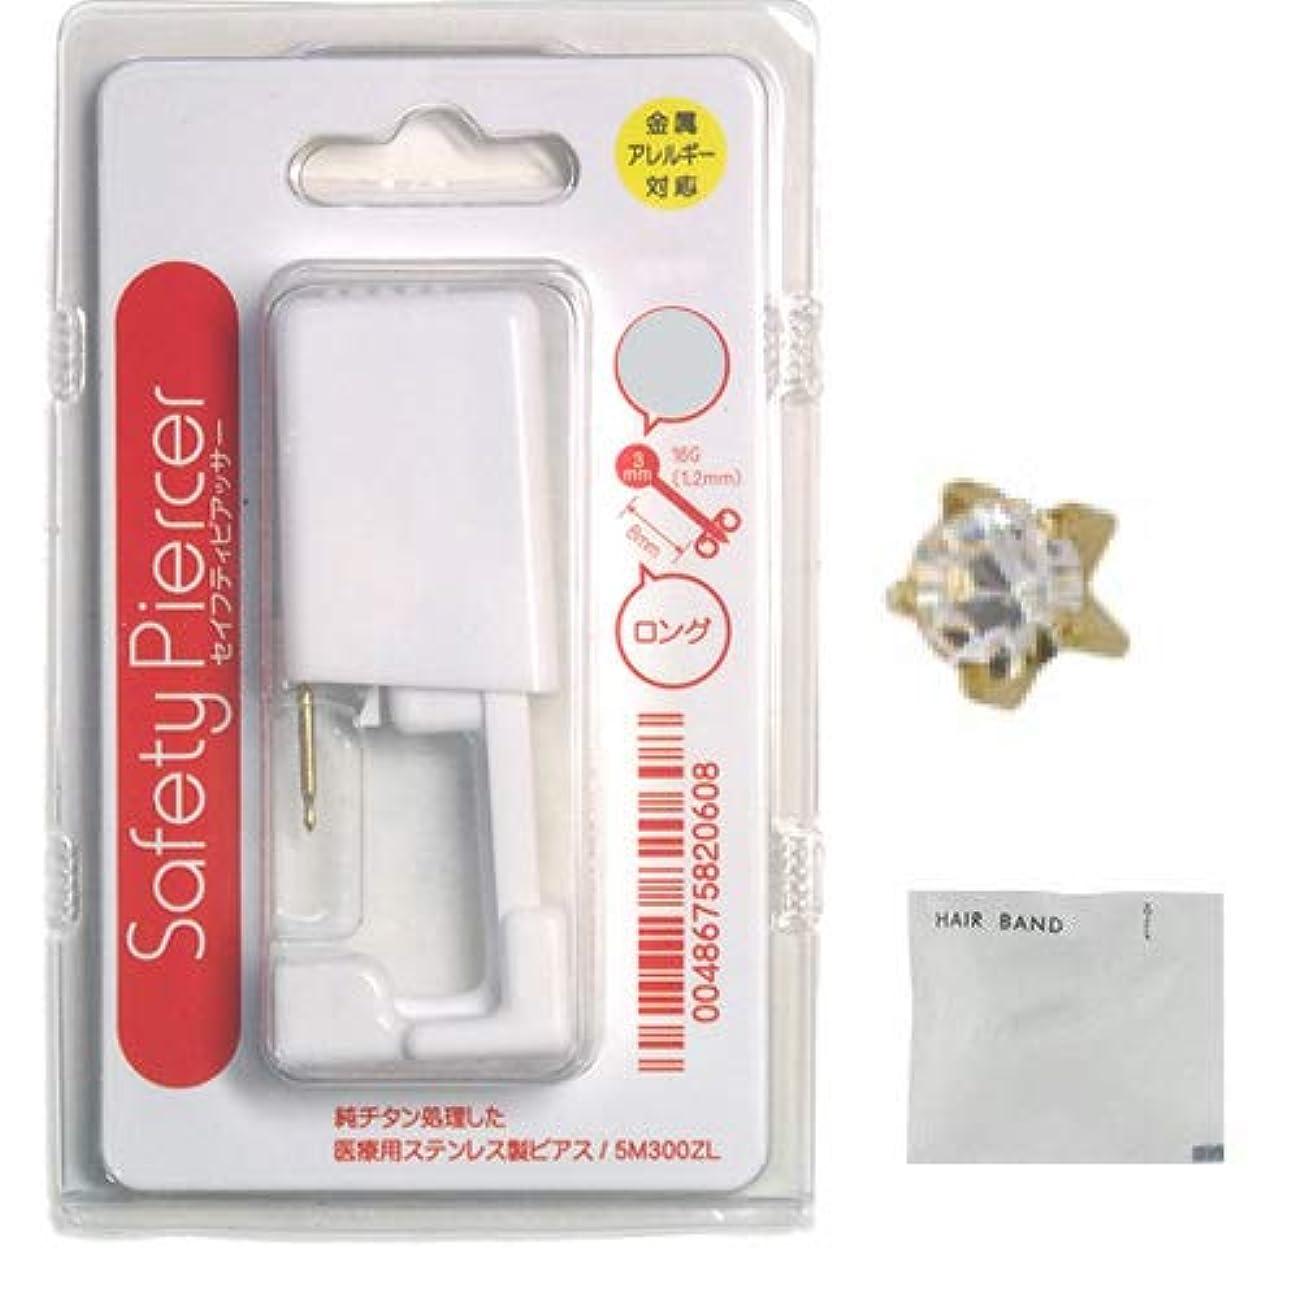 改修する用量クラッシュセイフティピアッサー シャンパンゴールド チタンロングタイプ(片耳用) 5M104WL 4月ダイヤモンド+ ヘアゴム(カラーはおまかせ)セット